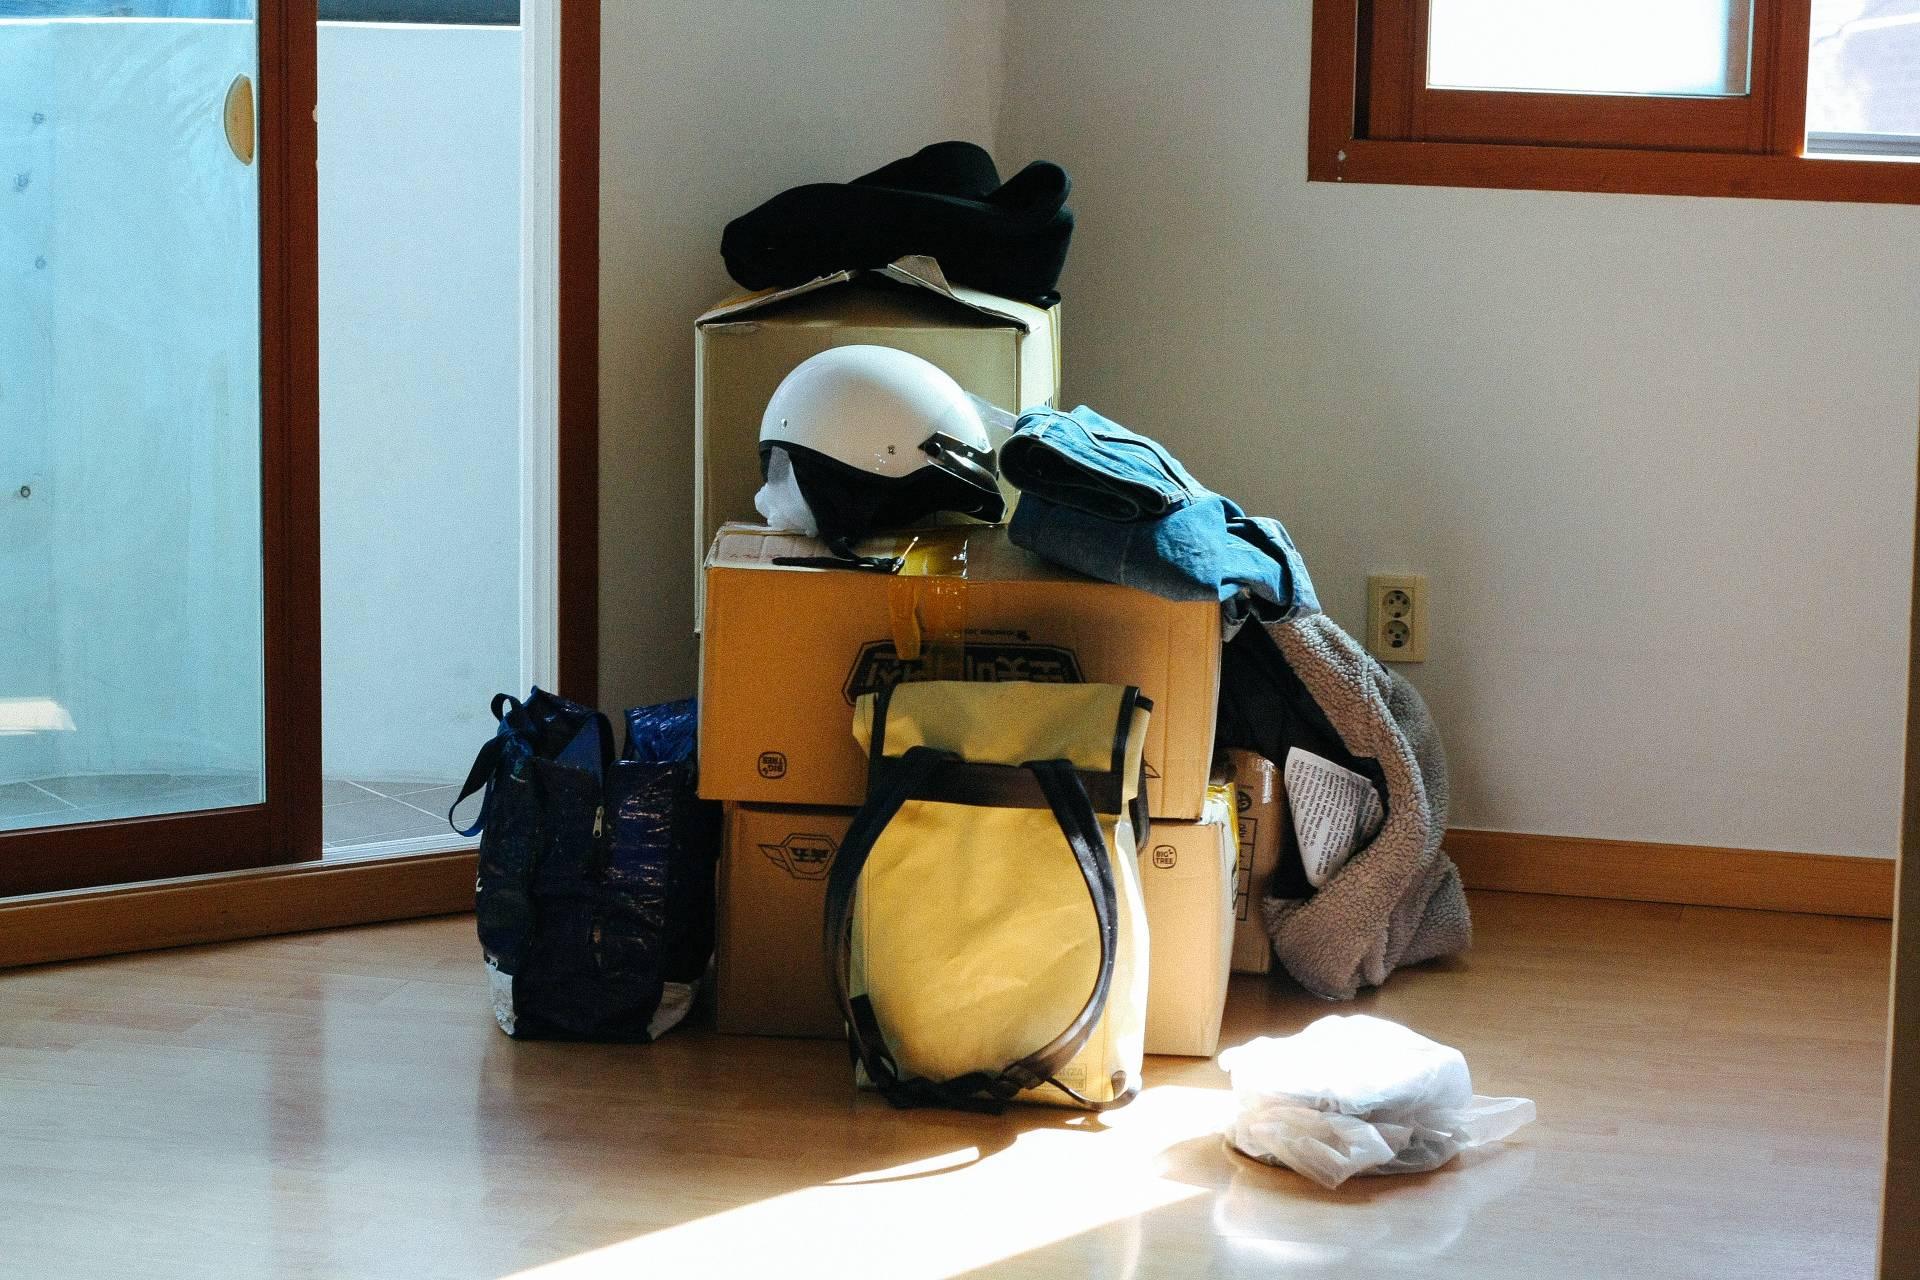 Umzugkartons mit Ruucksack und Kleidung stehend im Flur